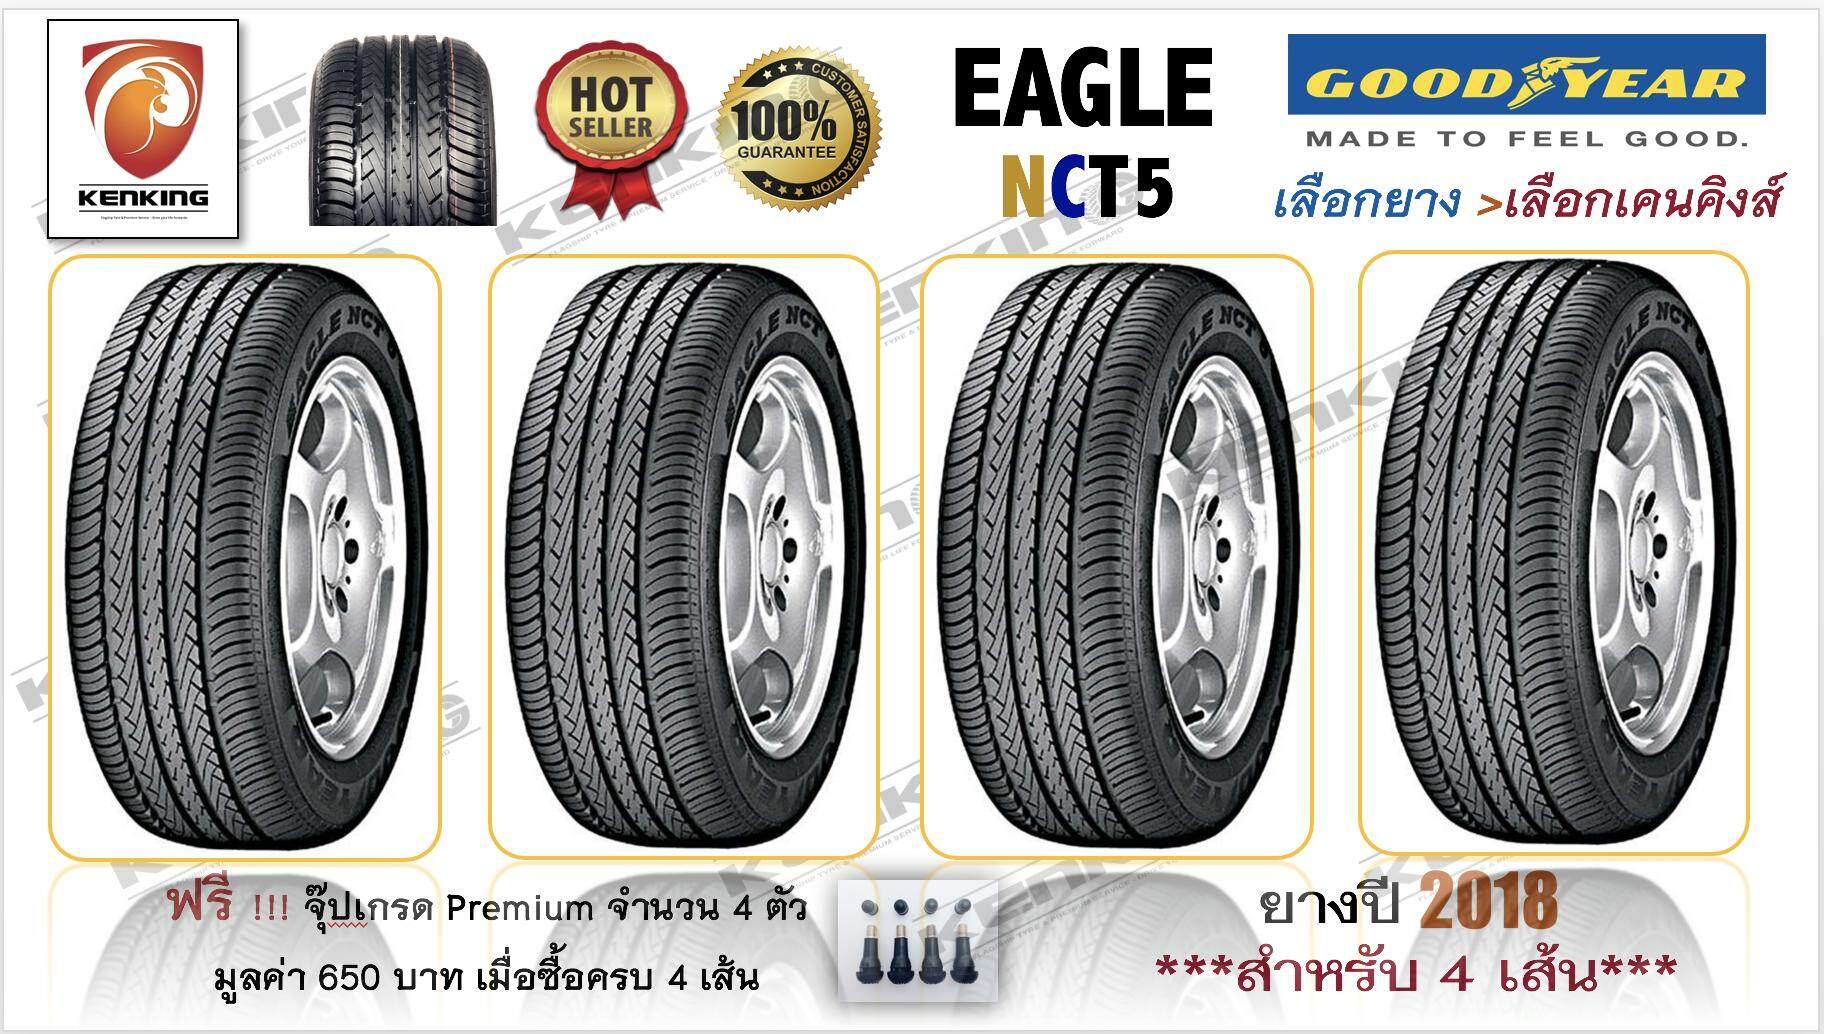 ปัตตานี ยางรถยนต์ Goodyear 185/55 R15 NCT5 (The Best Service Ever !!! ) (จำนวน 4 เส้น) ฟรี !! จุ๊ป Premium เกรด มูลค่า 650 บาท